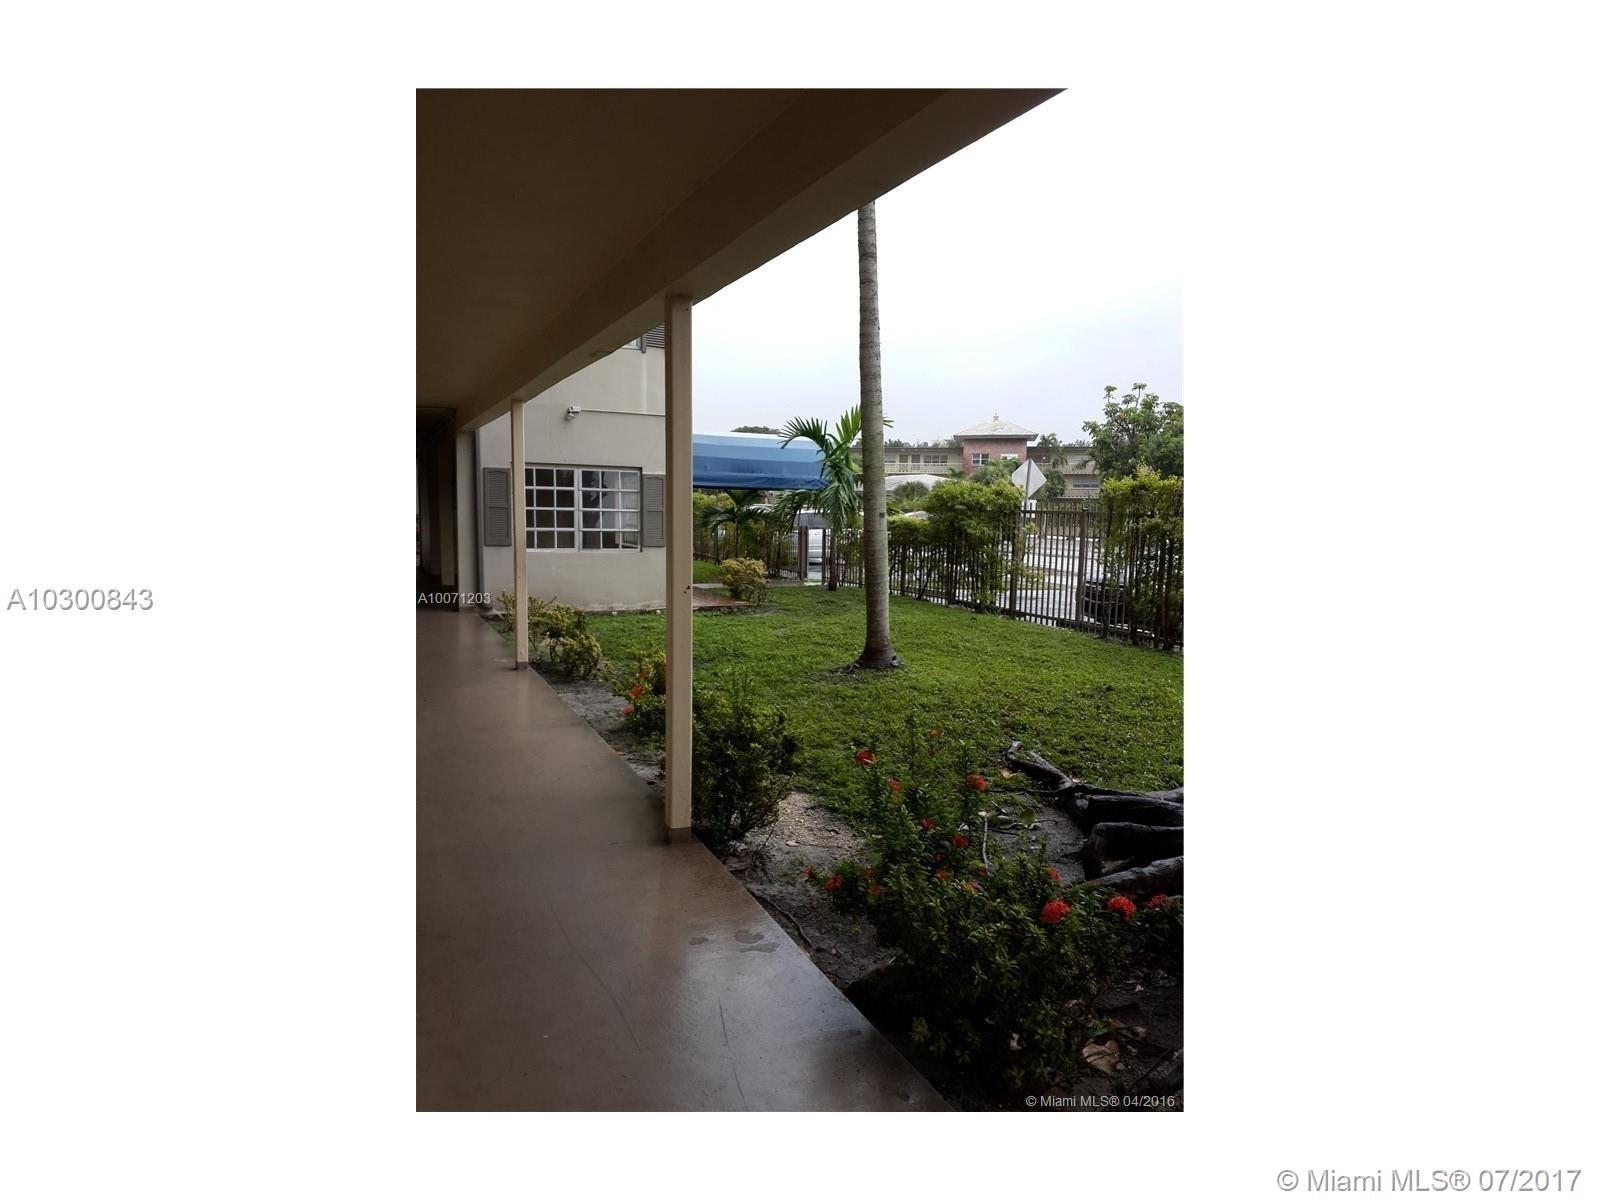 11855 NE 19th Dr # 8, North Miami, FL 33181